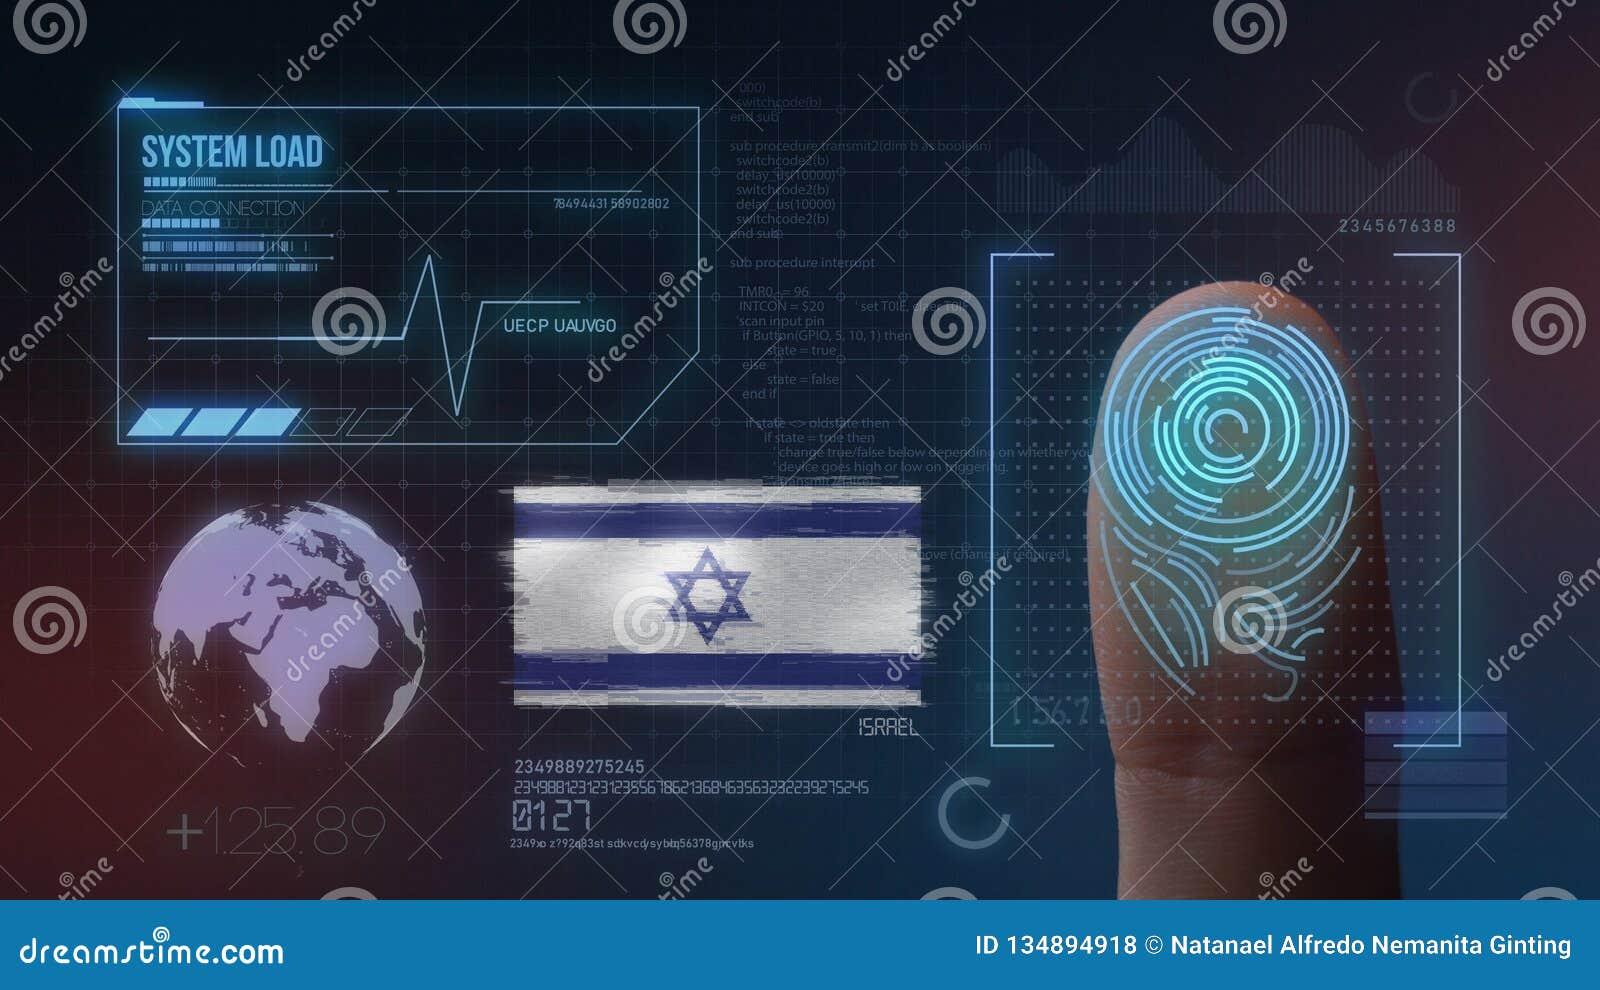 Sistema de identificación de exploración biométrico de la huella dactilar Israel Nationality